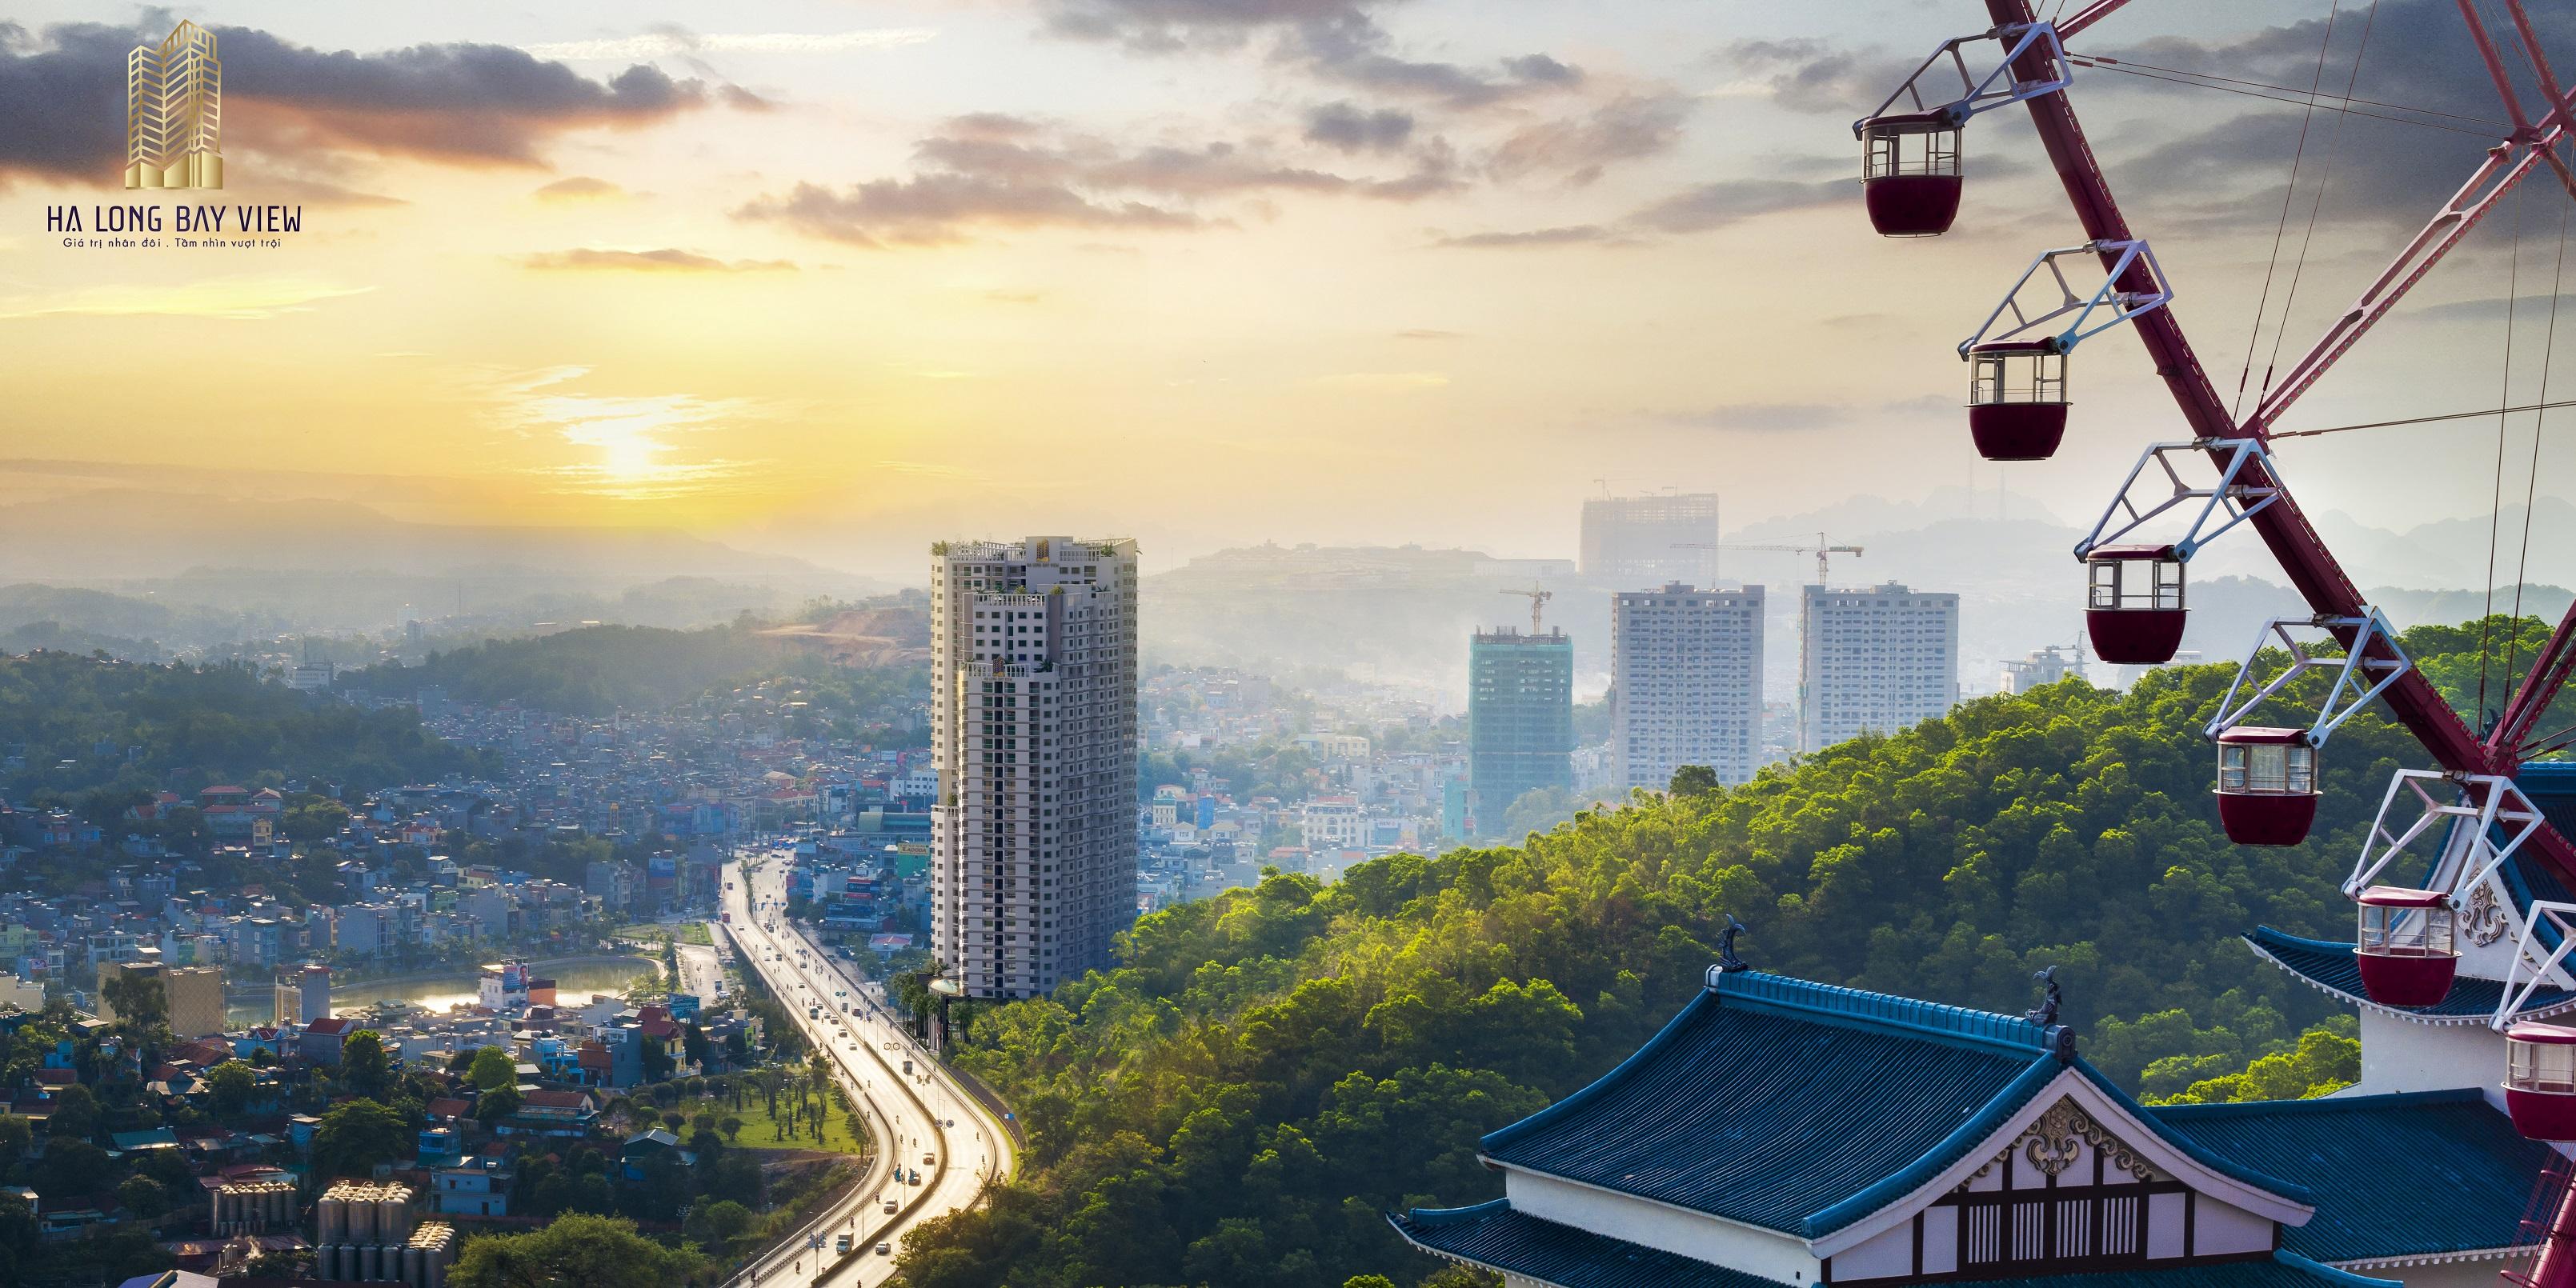 Chủ đầu tư Ha Long Bay view ký kết một loạt đối tác chiến lược